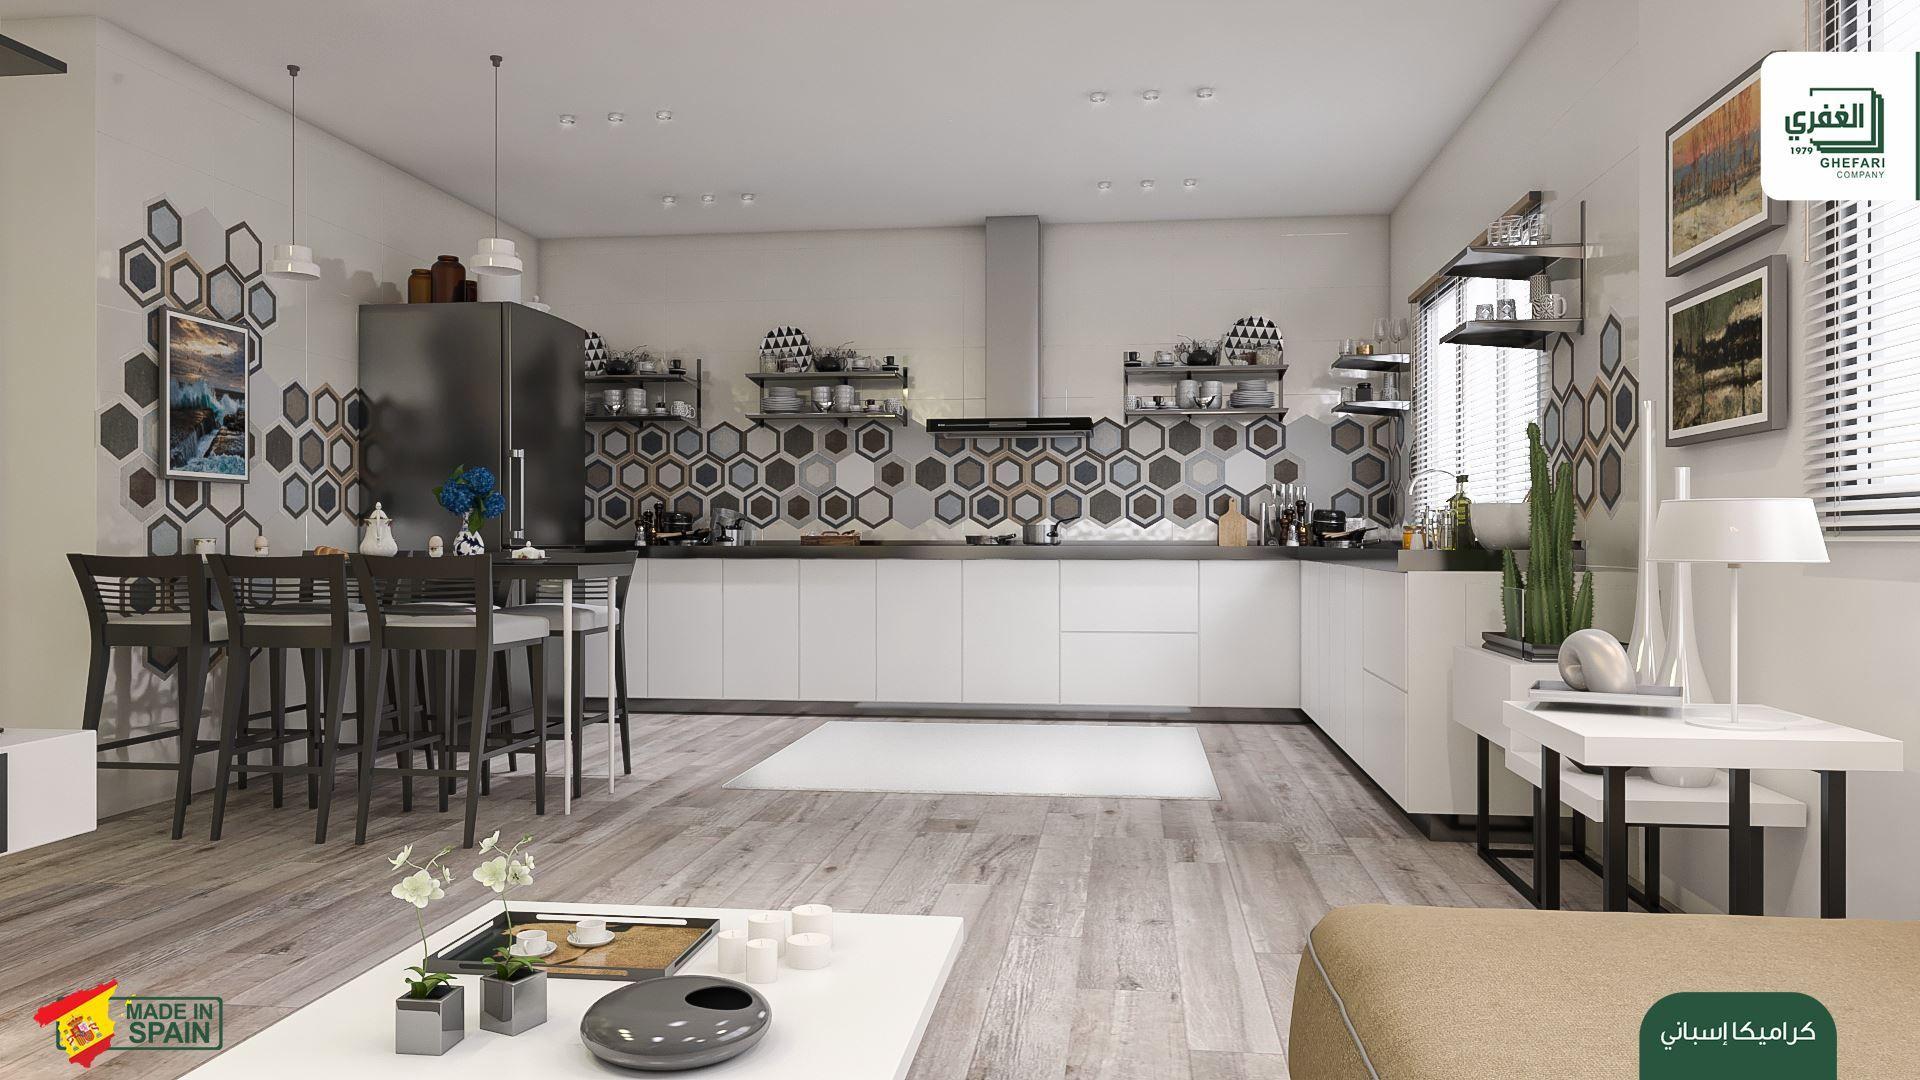 تصميم داخلي تصميم الغفري شركة الغفري ادوات صحية بورسلان فيترا خلاطات مغسلة كرسي نيجارة داخلية حوض خلاط مطبخ حمام Ceramic Home Decor Home Decor